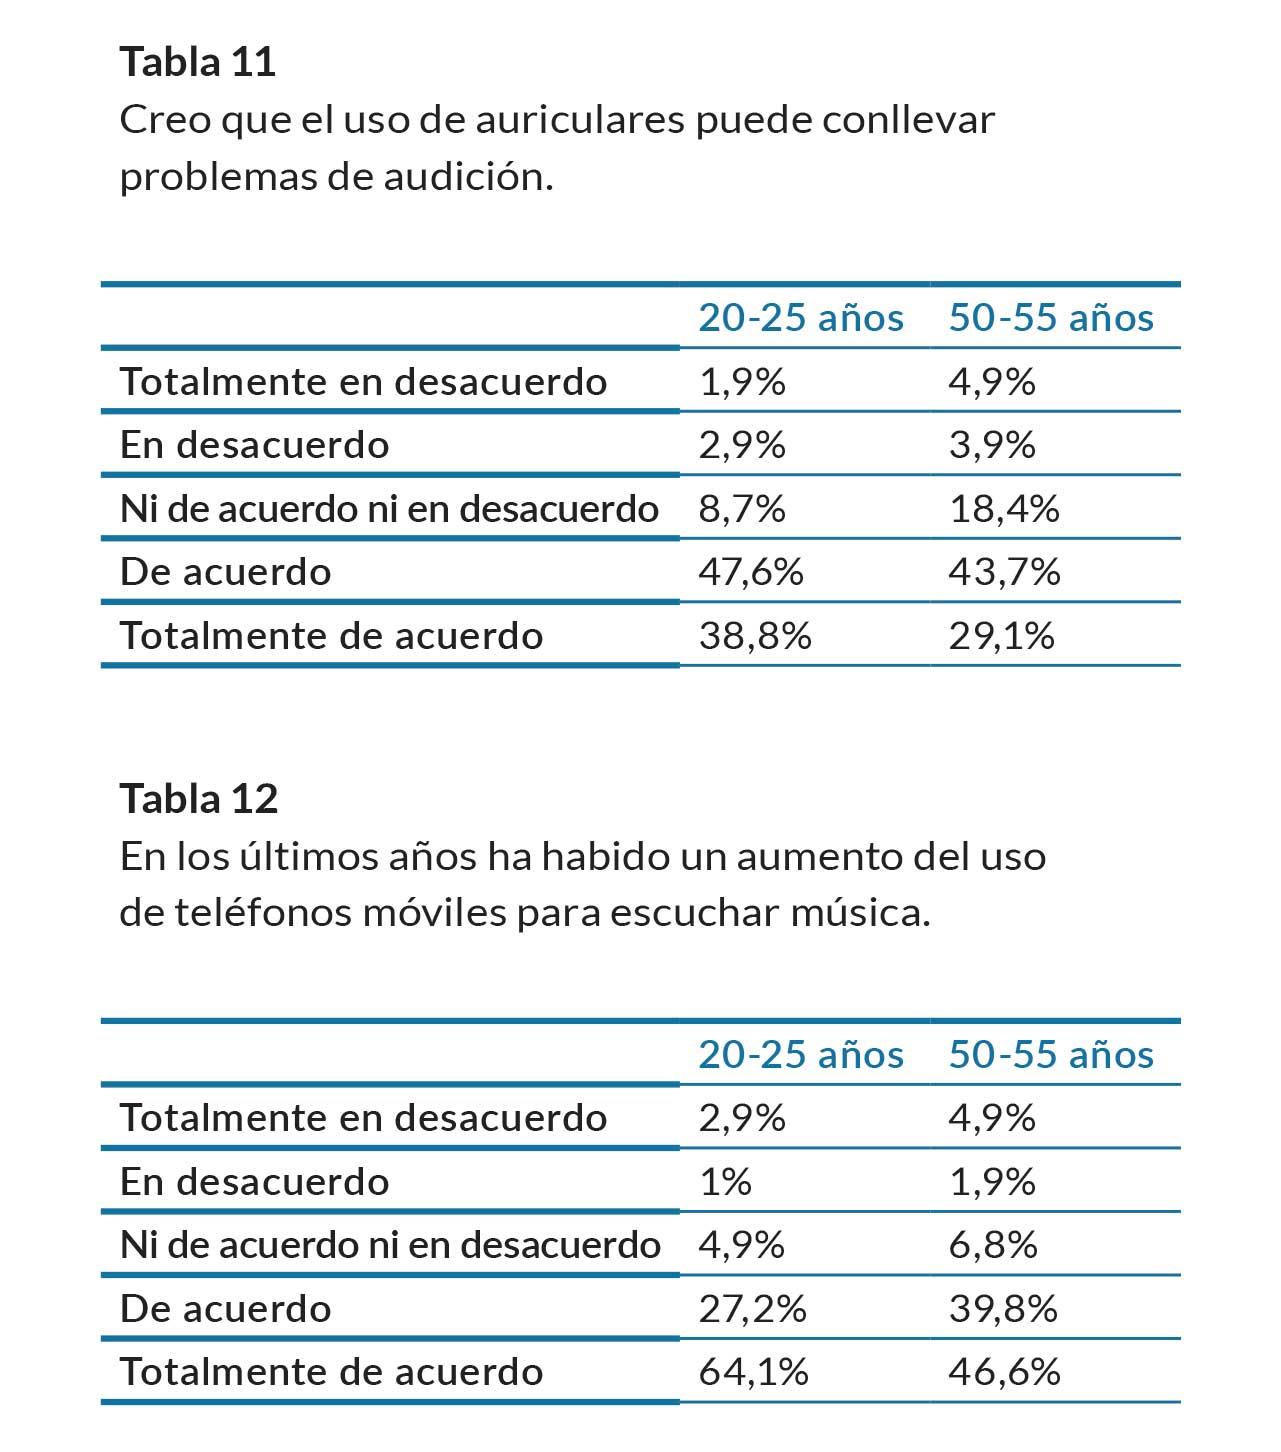 tablas-11-12